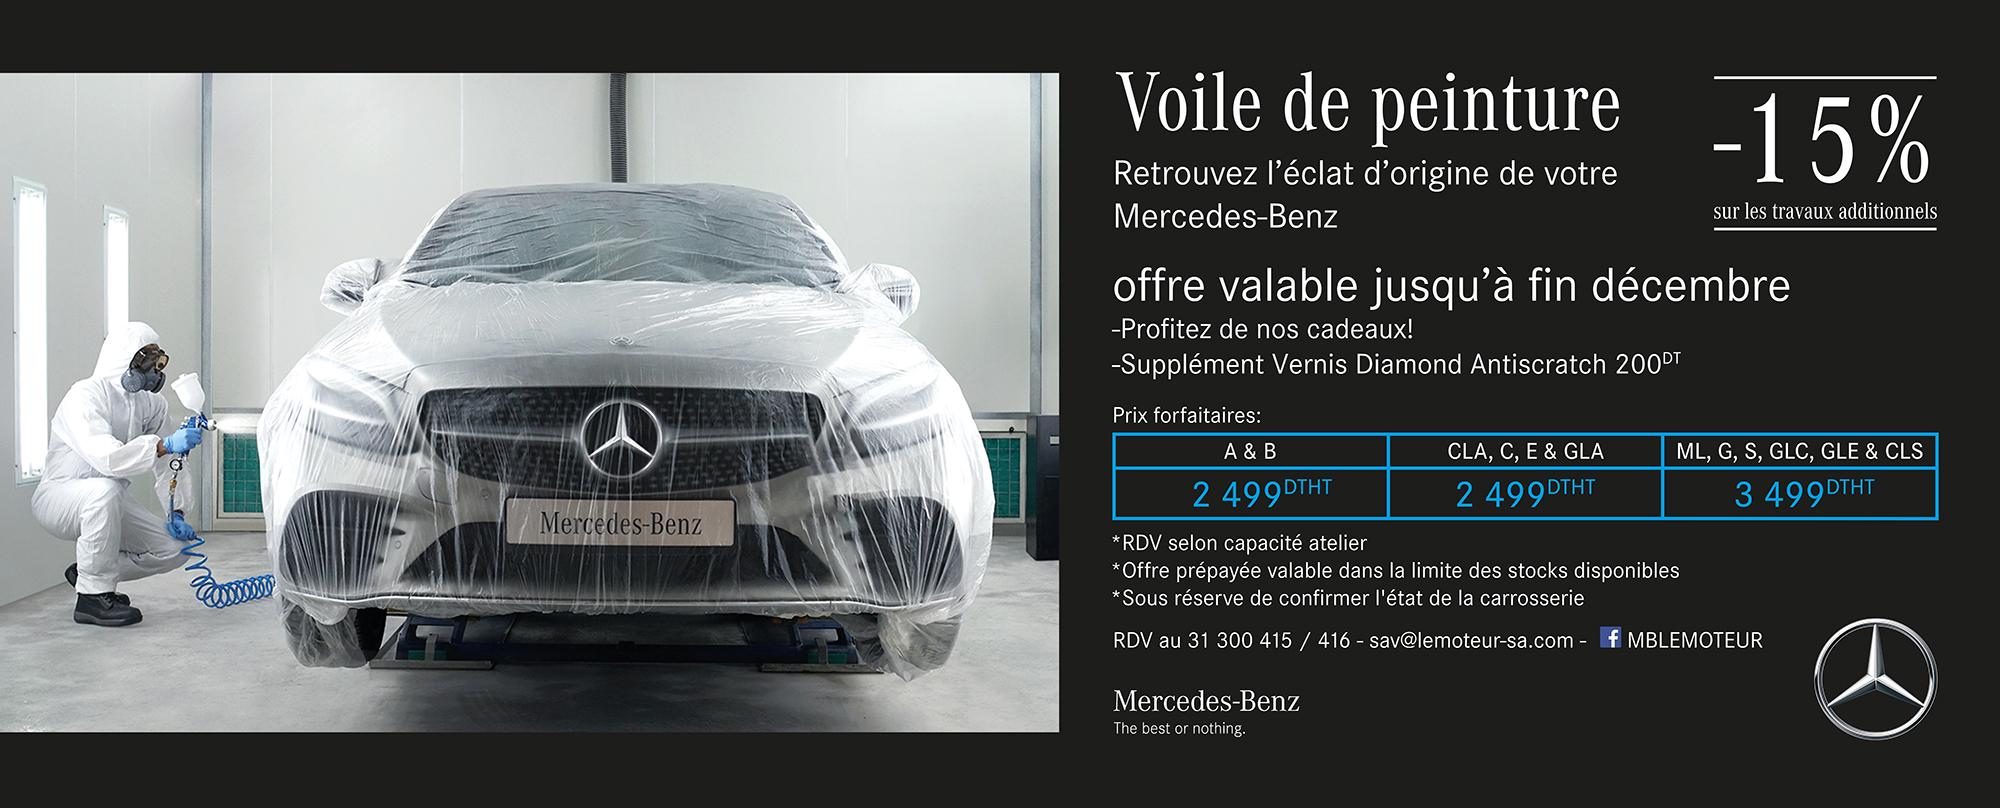 Offre Voile de peinture, Retrouvez l'éclat d'origine de votre Mercedes-Benz